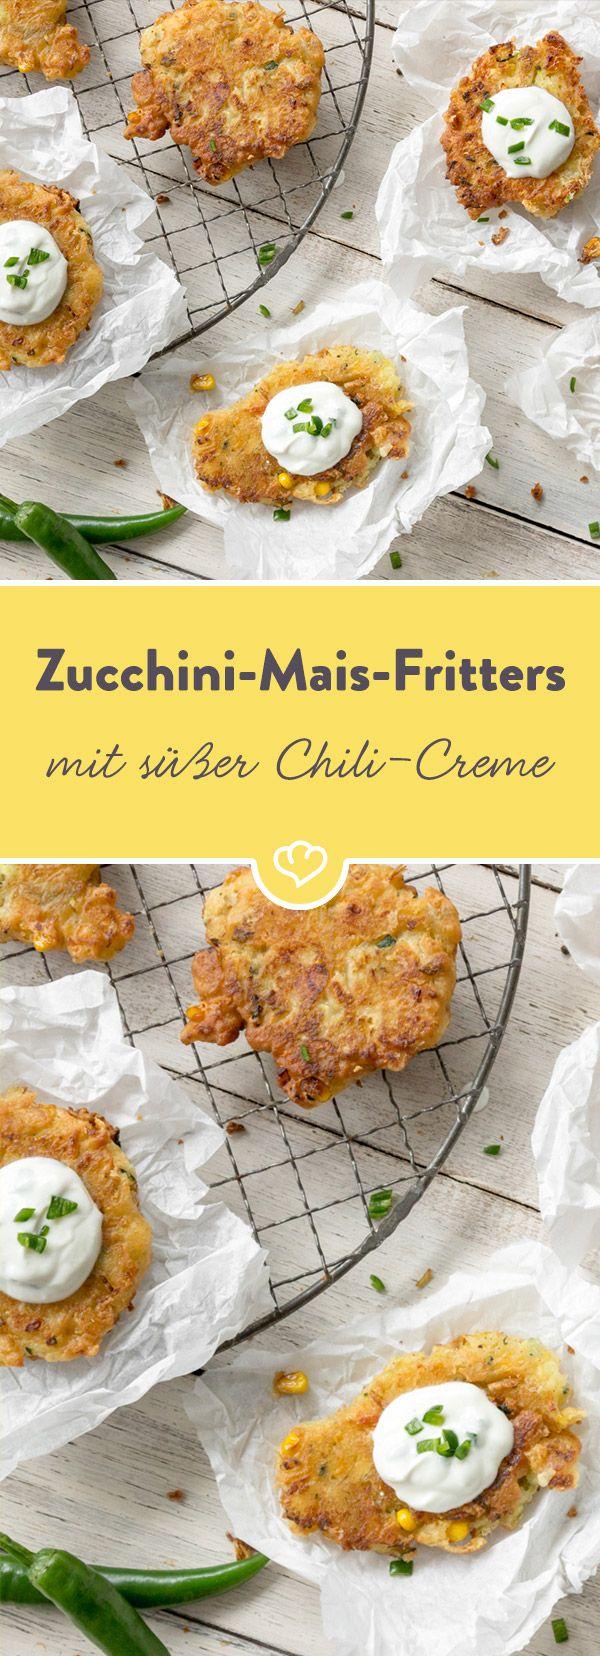 Neben Zucchini, Artischocke und Brie tummeln sich kleine Maiskörner in den goldbraun gebratenen Fritters. Passend dazu - die süßlich-scharfe Chili-Creme.